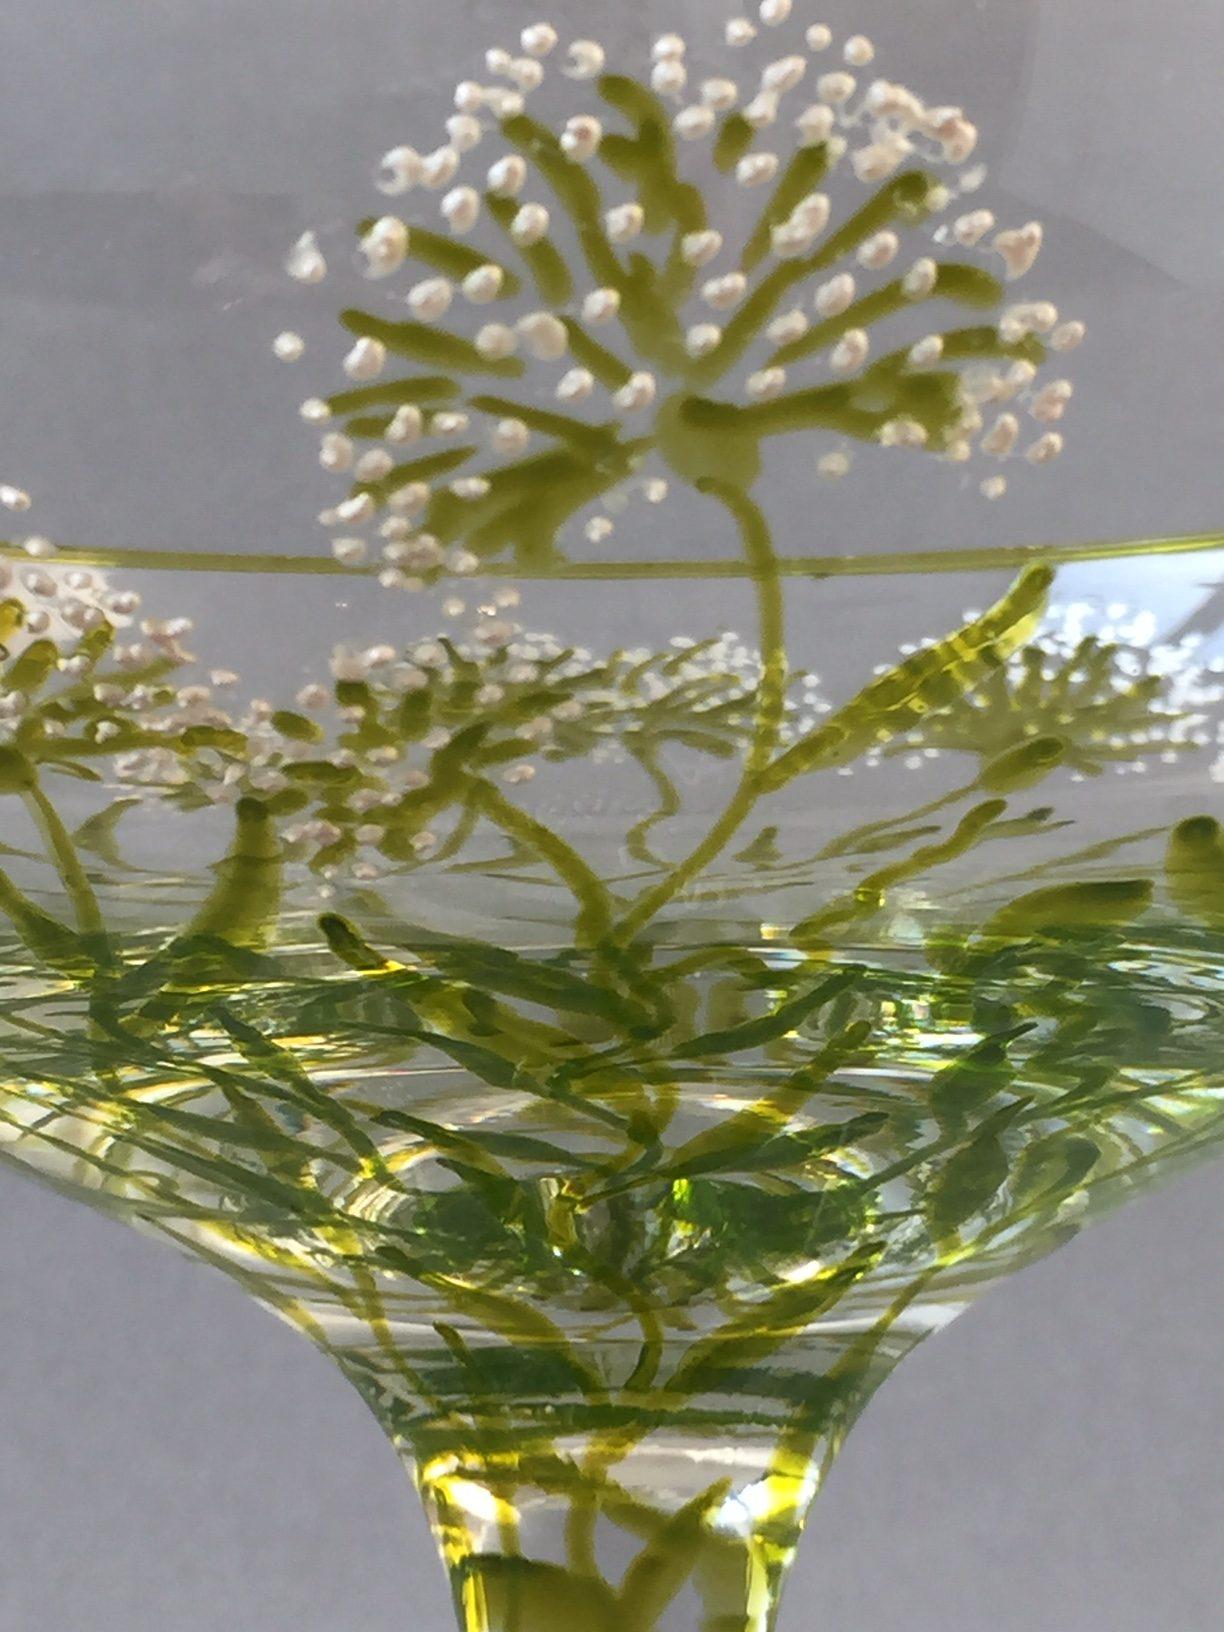 Schaal op Voet 'Emerald', Gebrandschilderd Glas, 13 x 19 cm, 2019